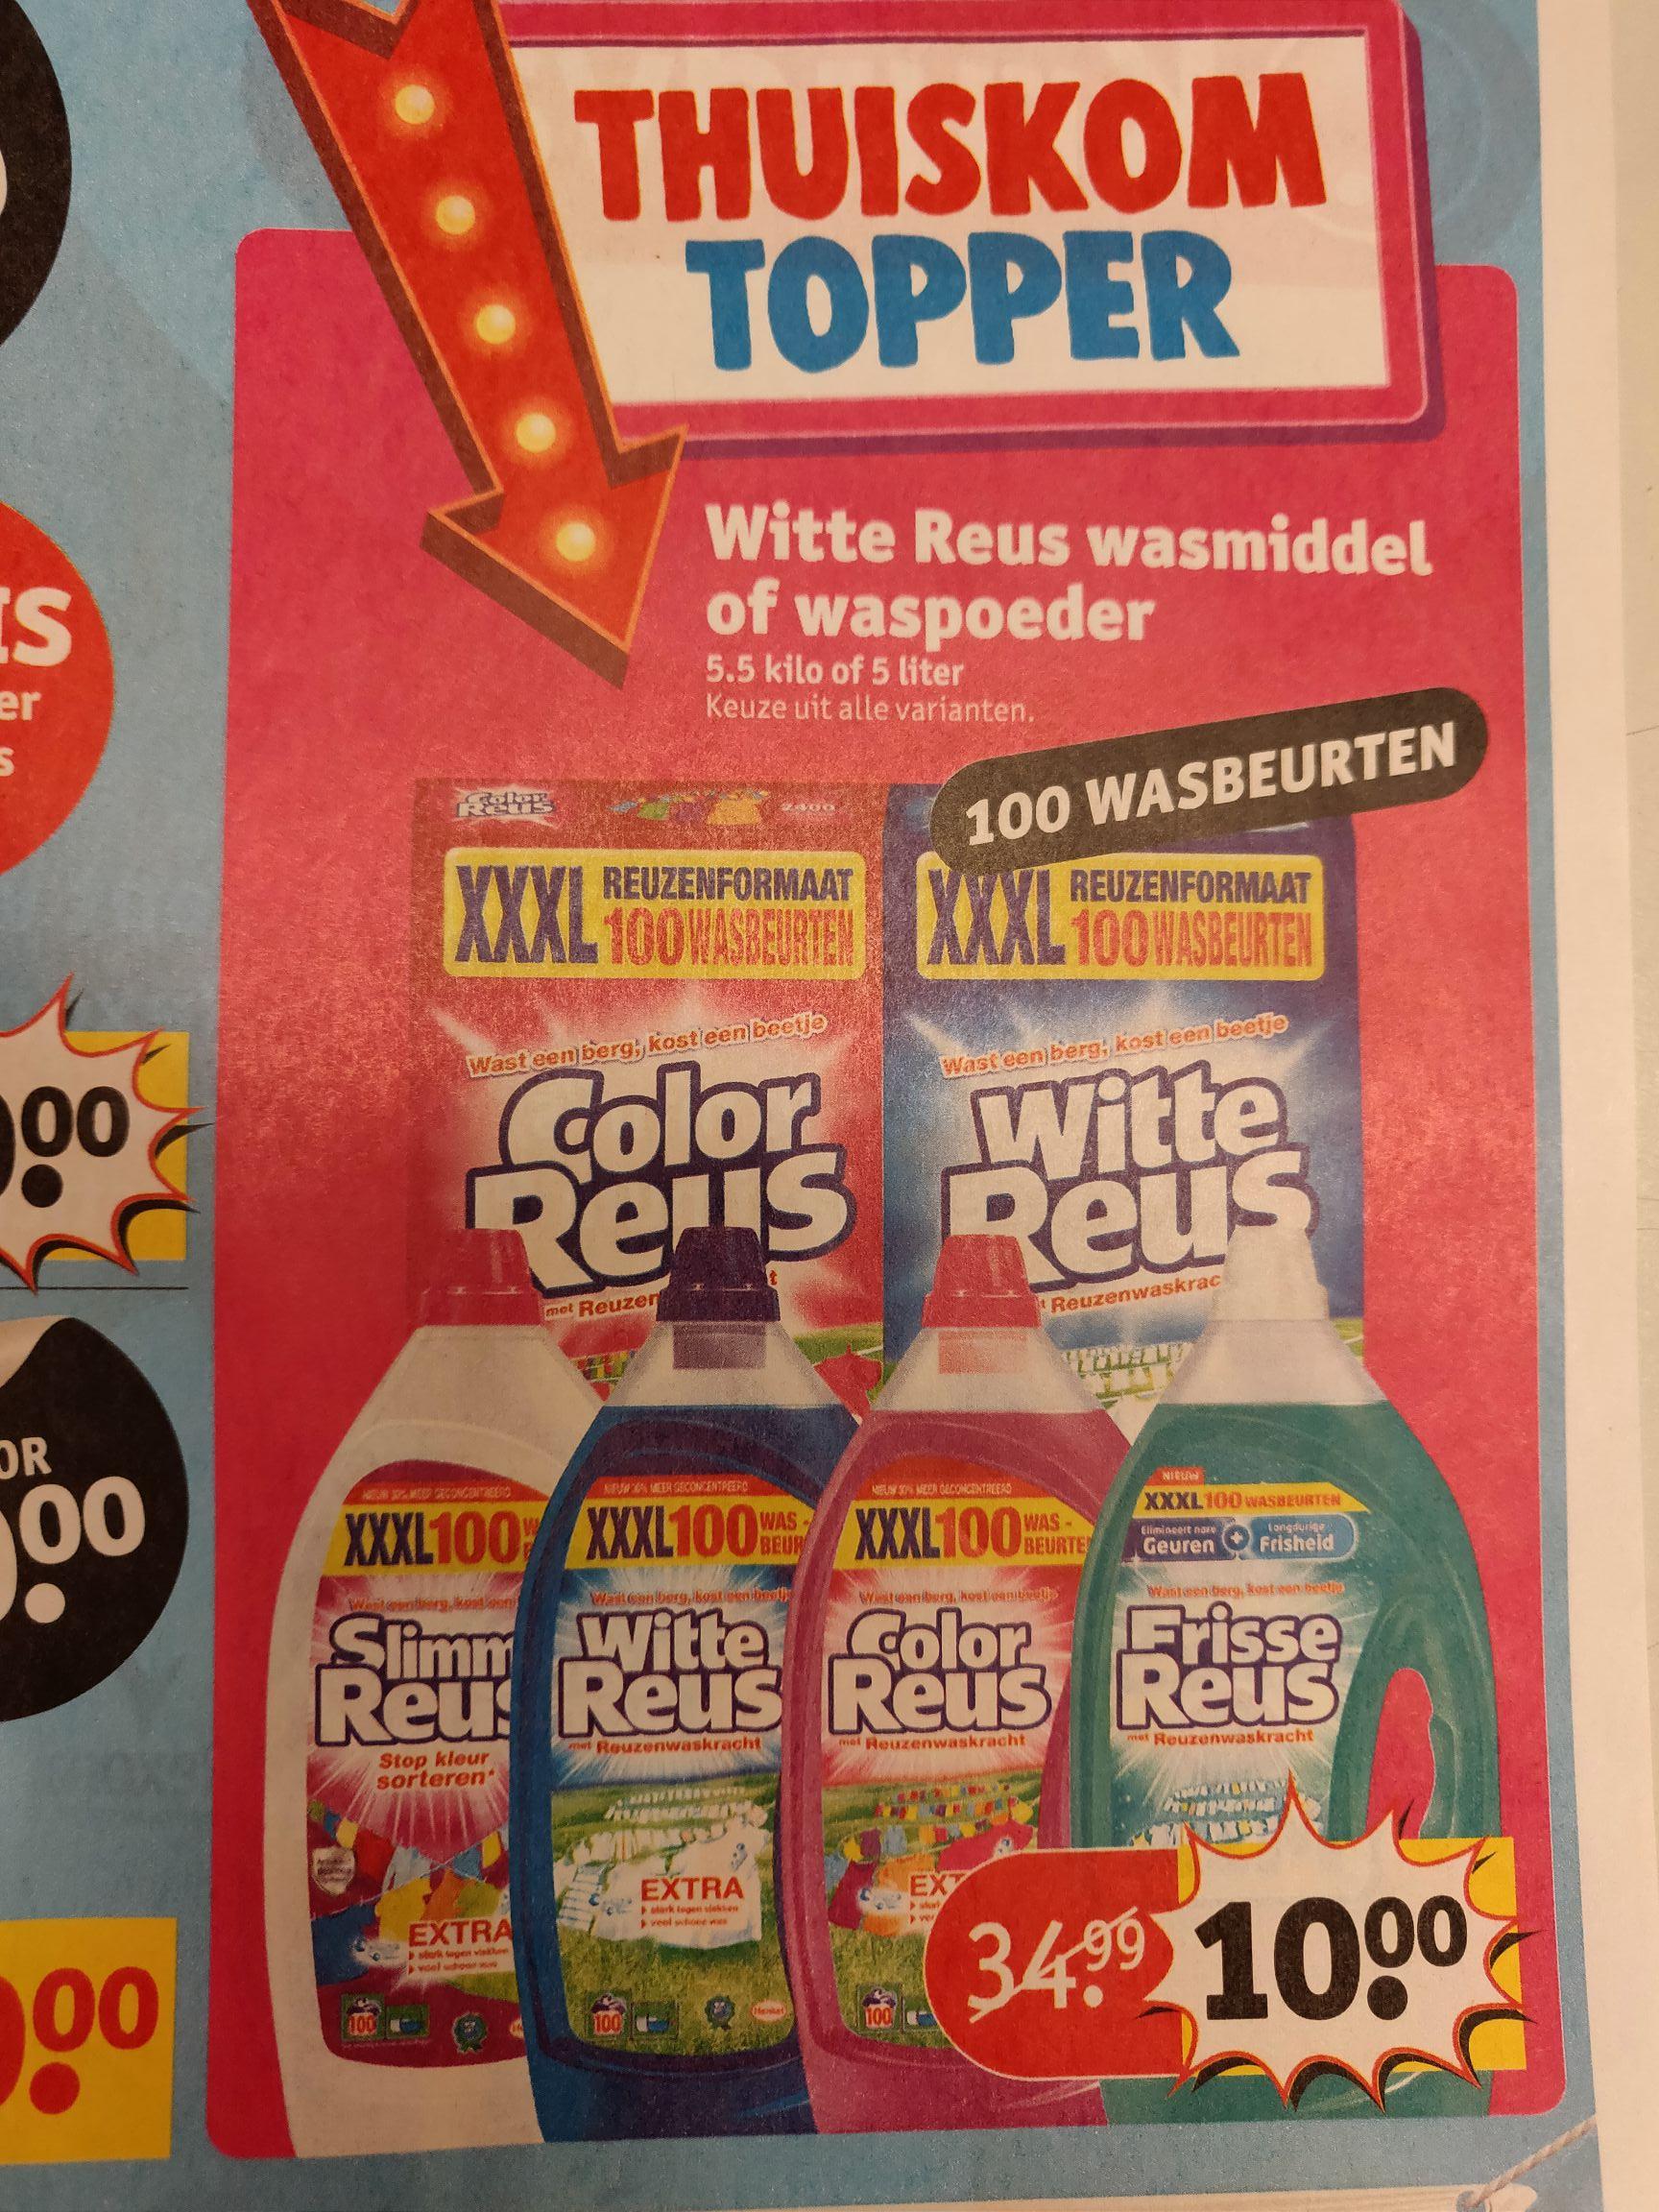 Witte of Color Reus XXXL. 100 wasbeurten voor 10,00 @Kruidvat